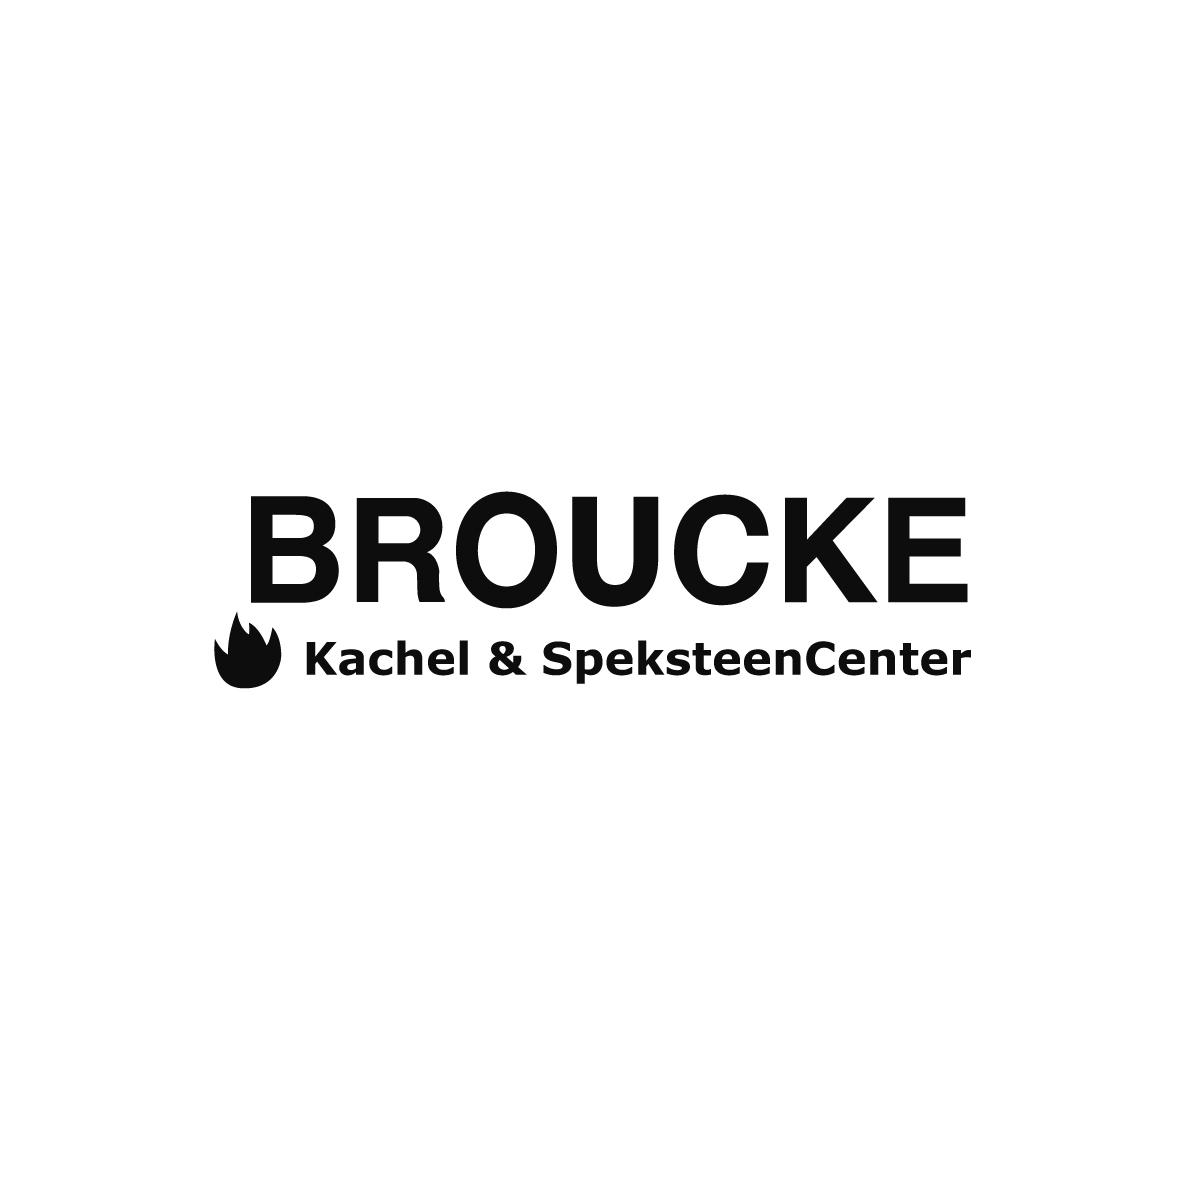 Broucke